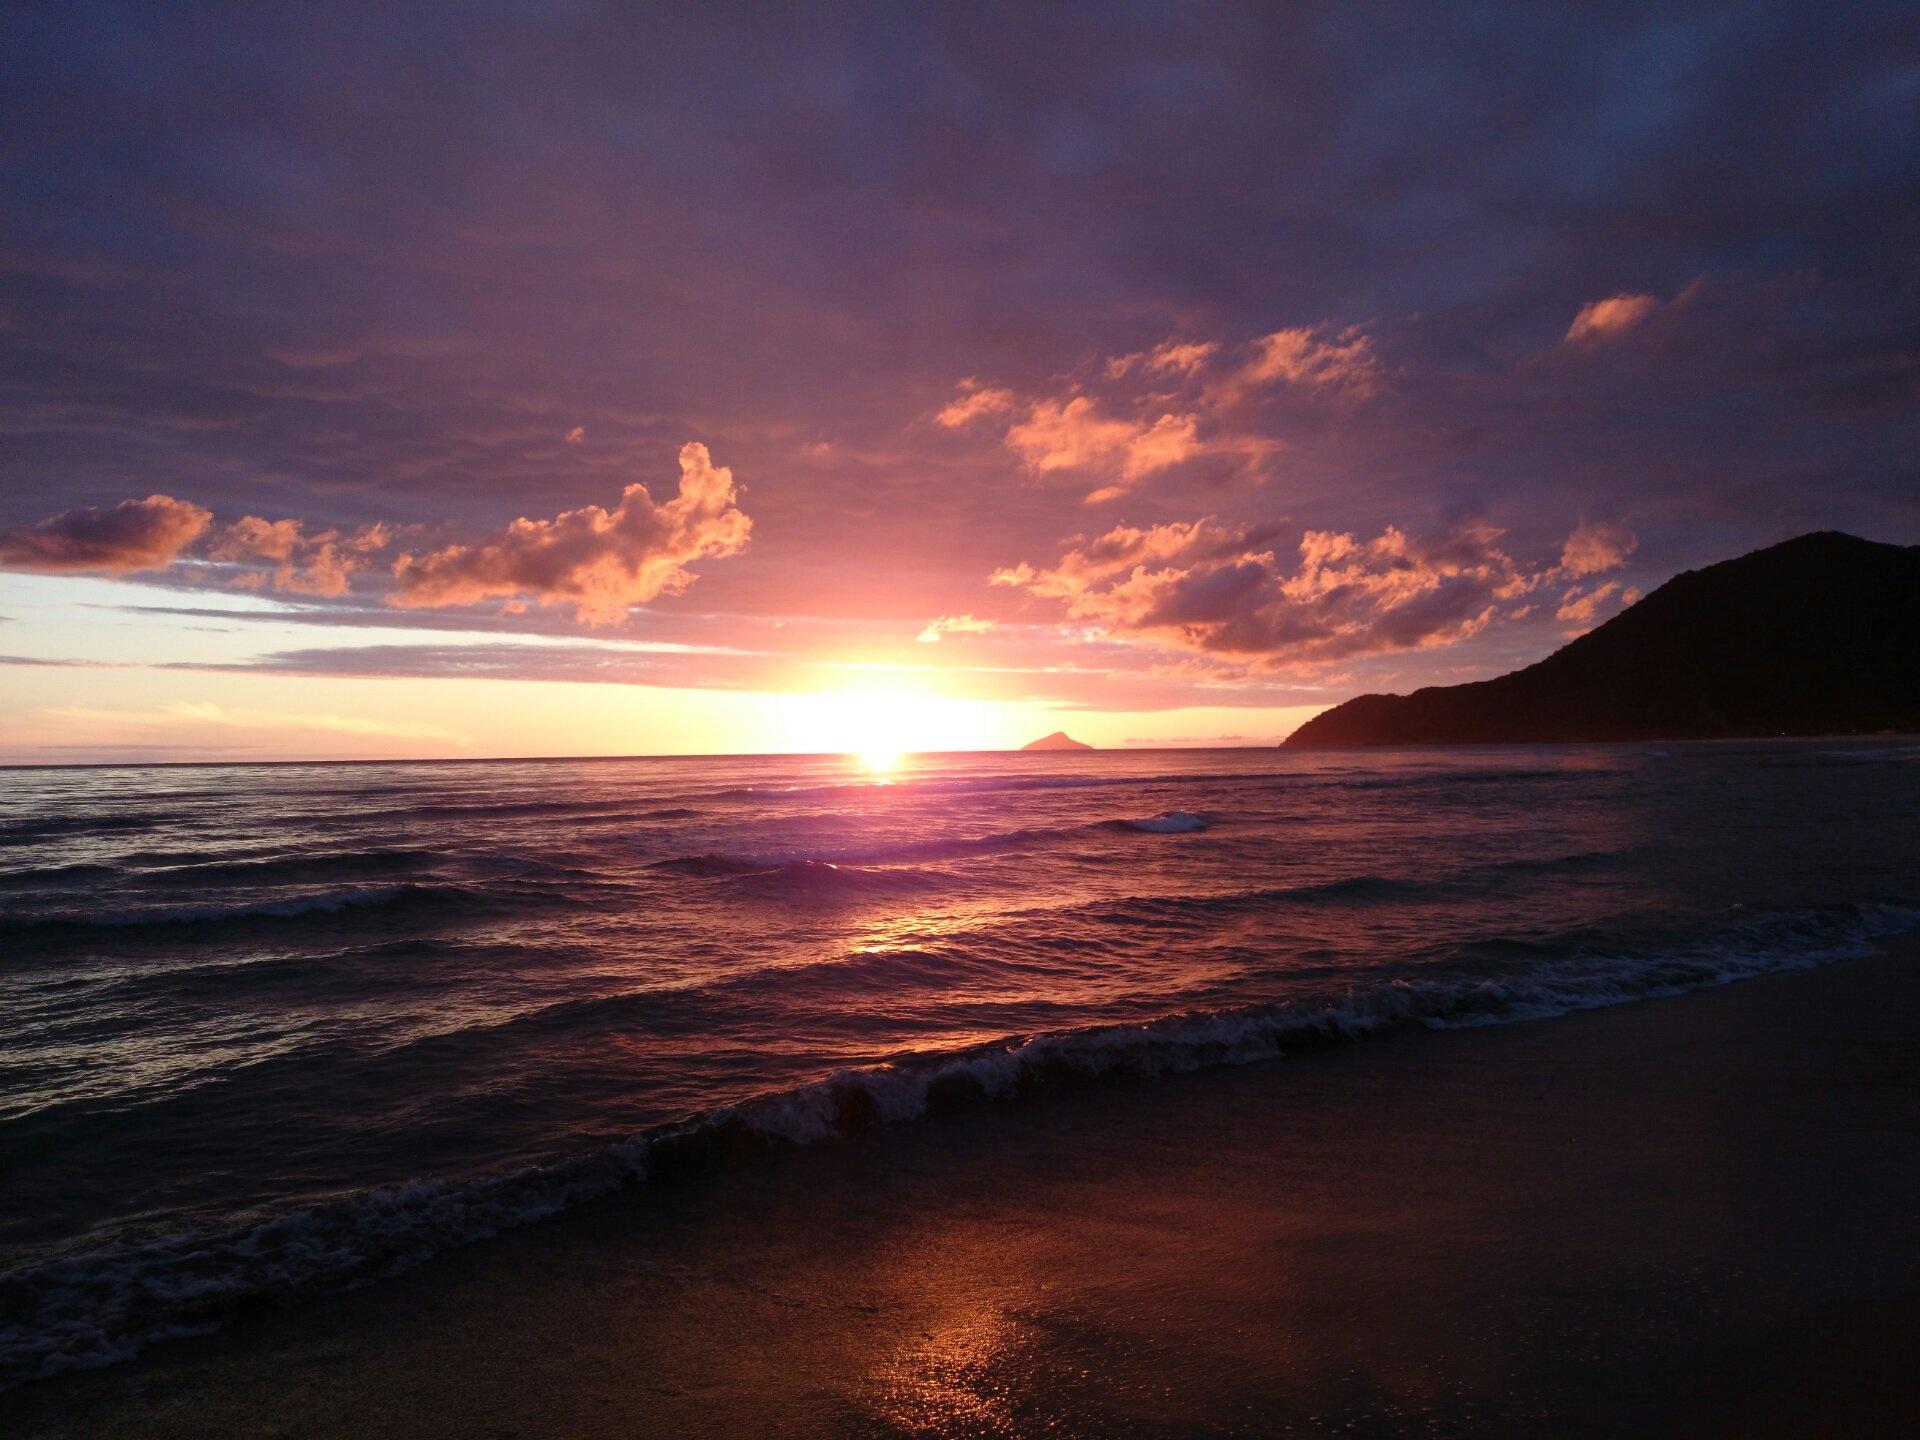 яркий картинка закат океан издавна применялся народной